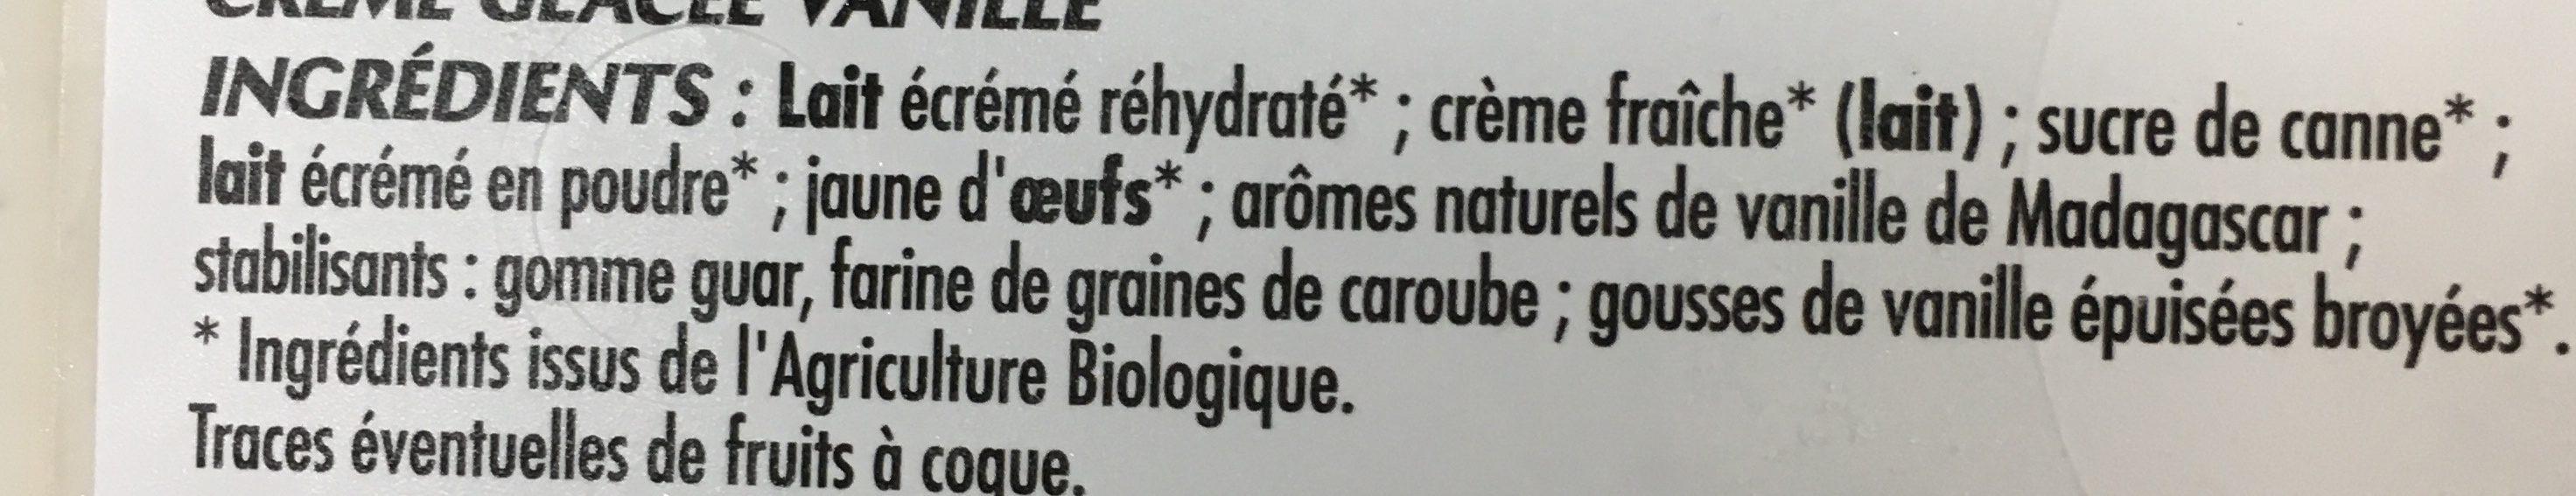 Adélie Crème glacée vanille de Madagascar BIO le bac de 900 - Ingrédients - fr